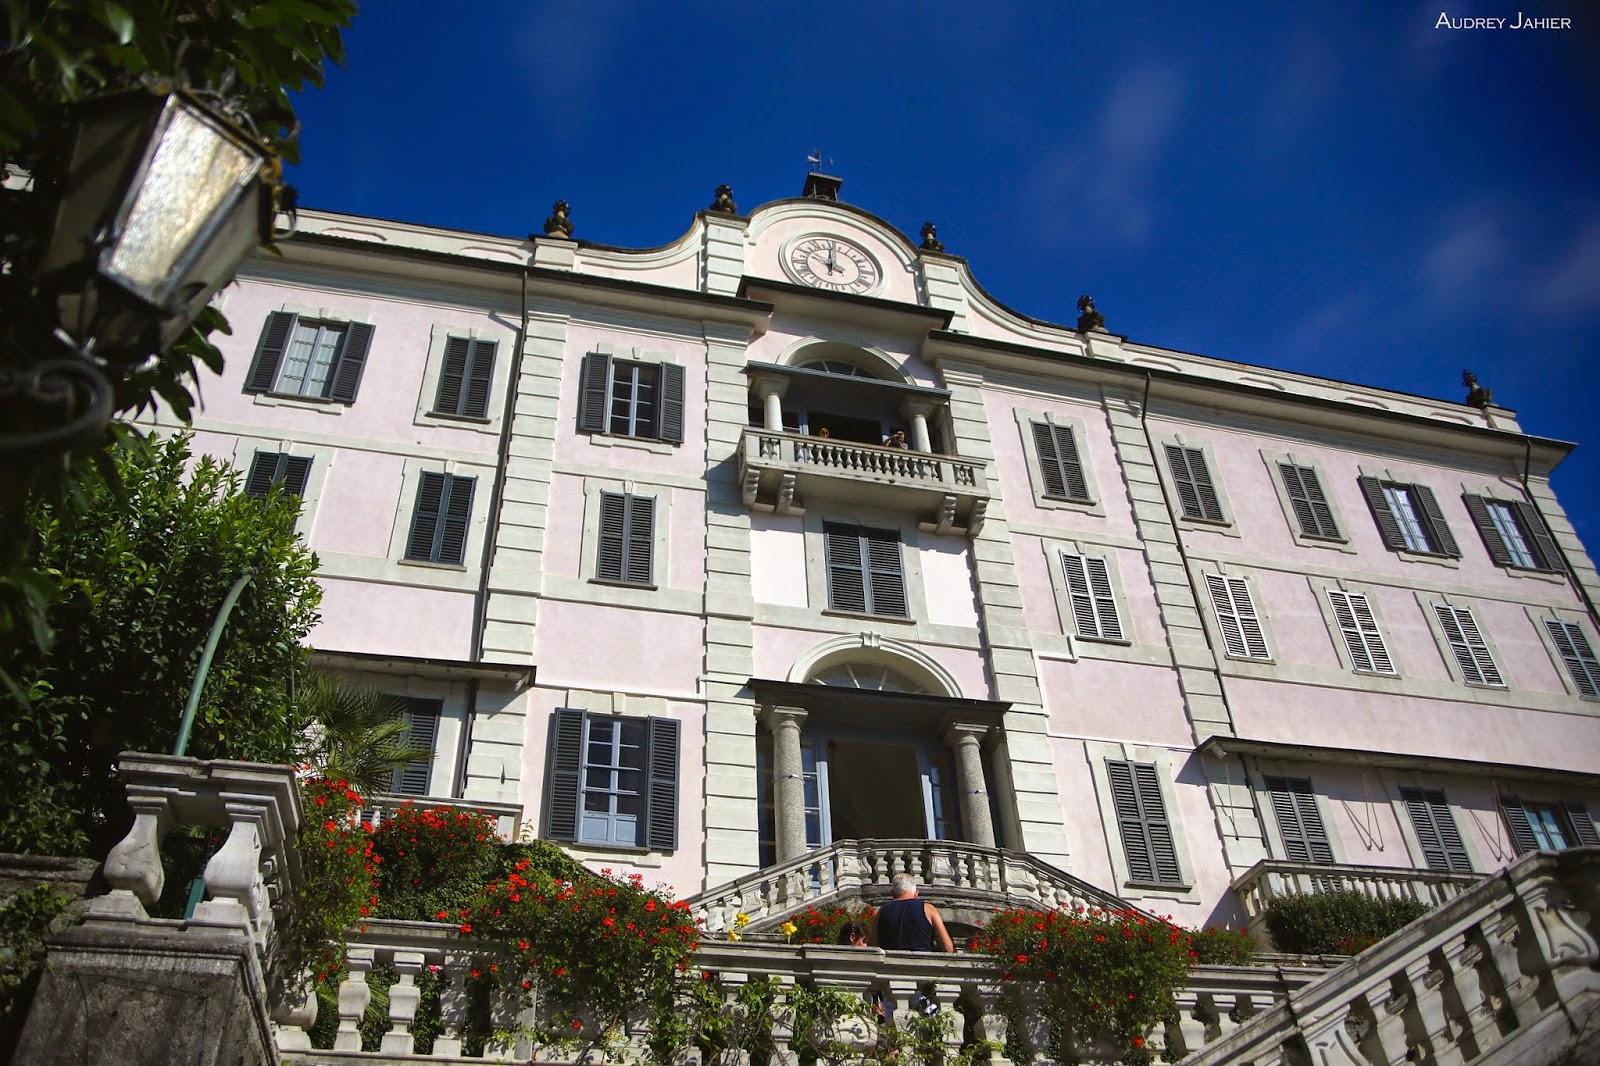 Villa-carlotta-lac-de-come-italie